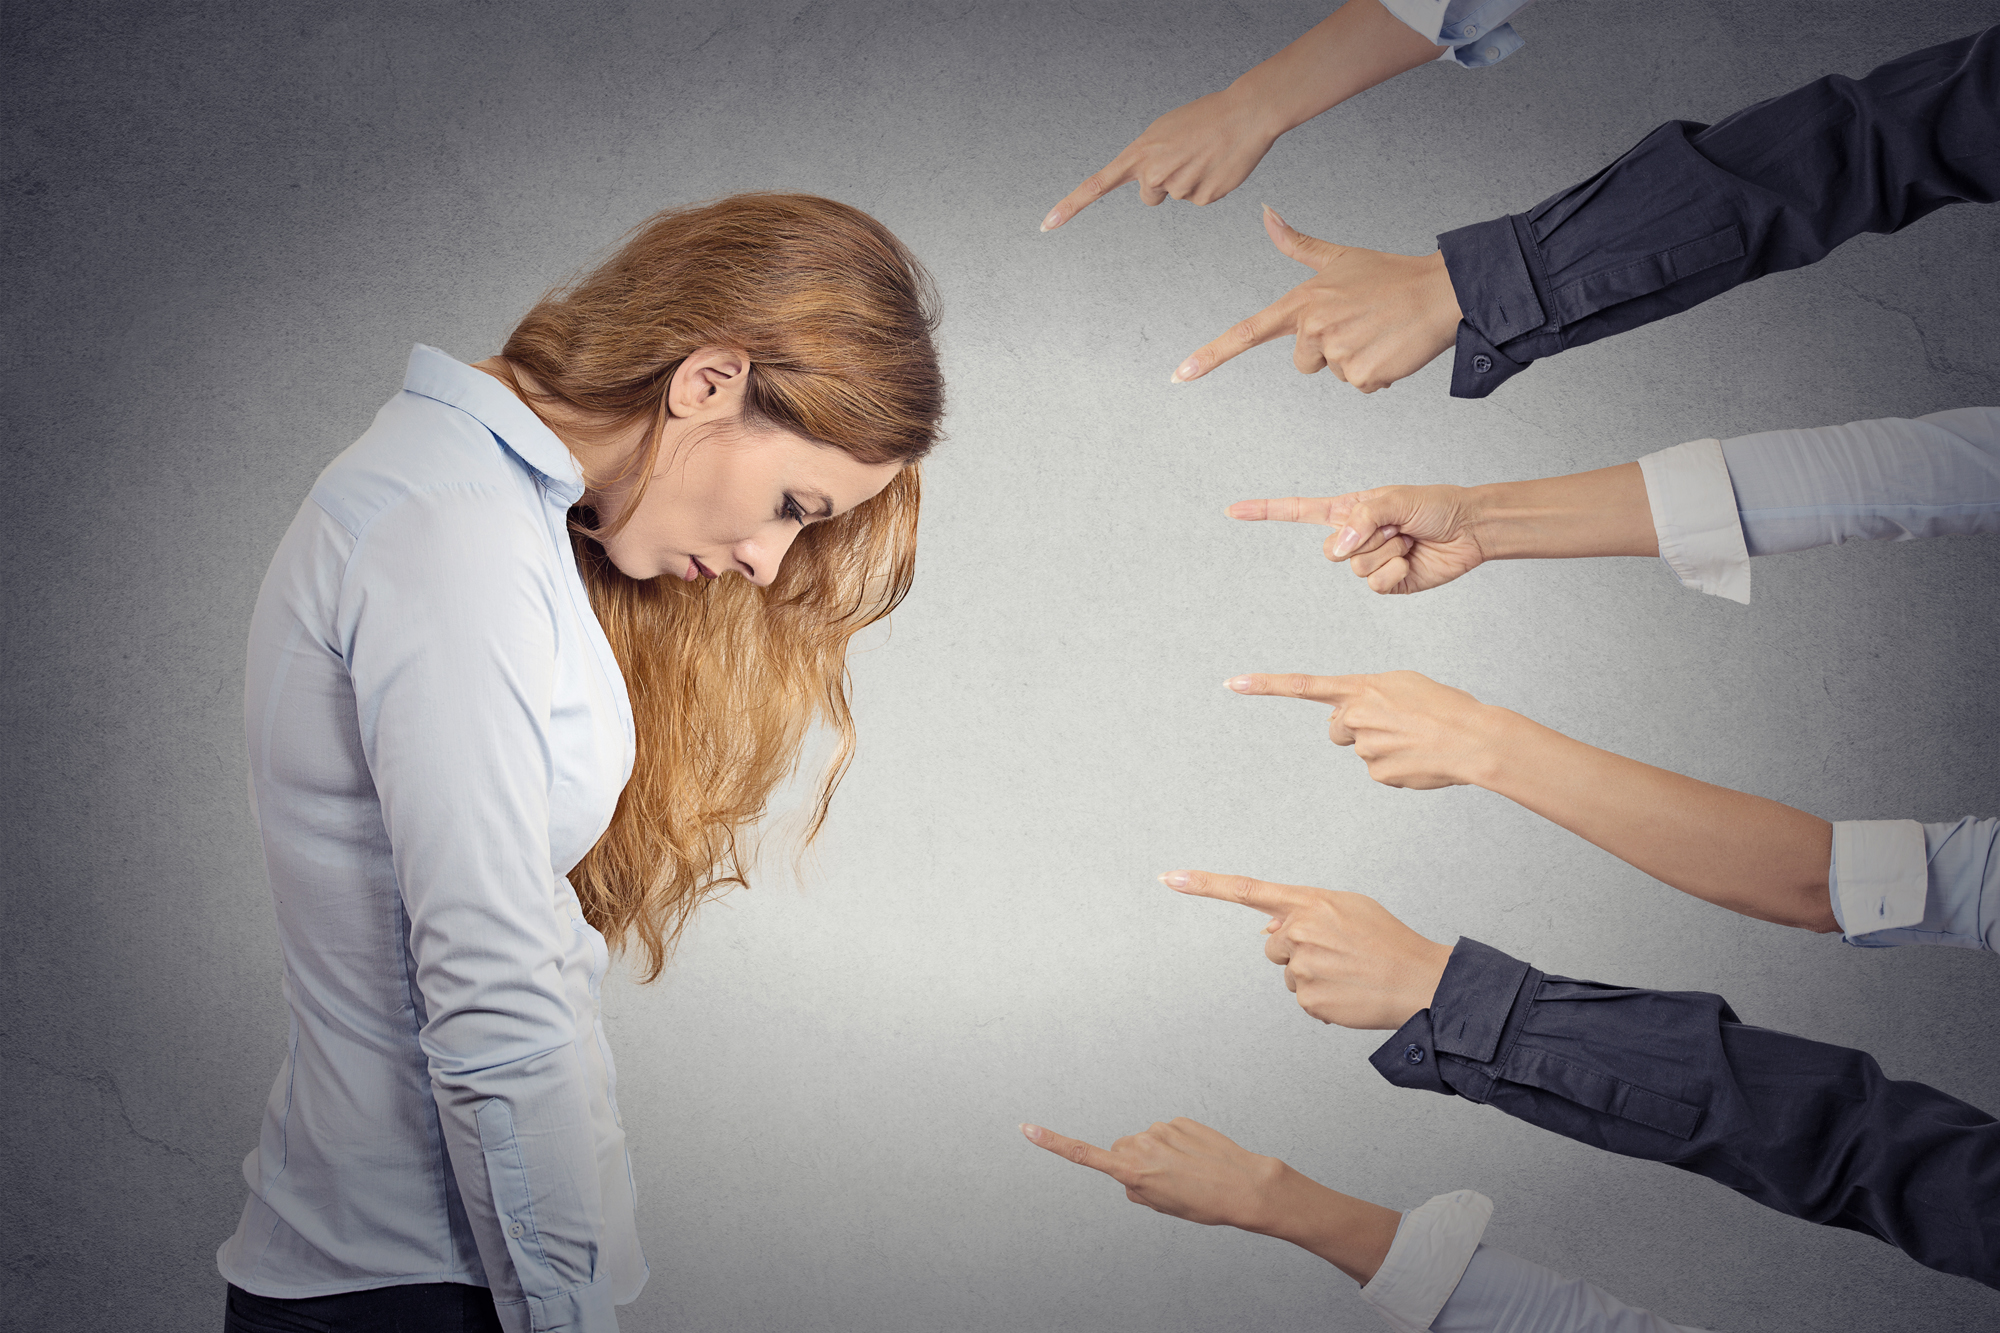 5 типов поведения, которые свойственны человеку с низкой самооценкой